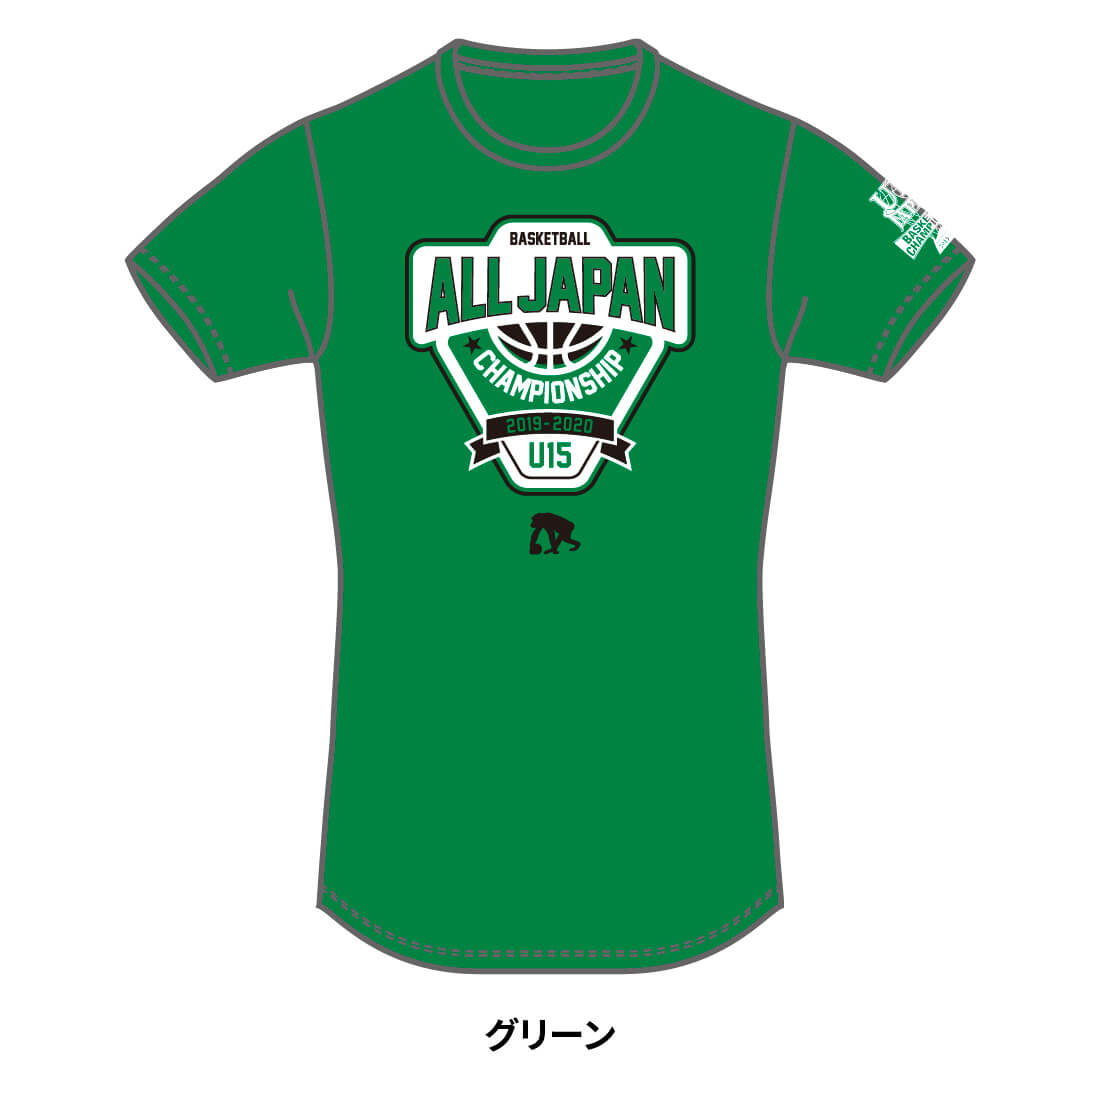 【全国U15限定】EGOZARU T-SHIRTS A グリーン